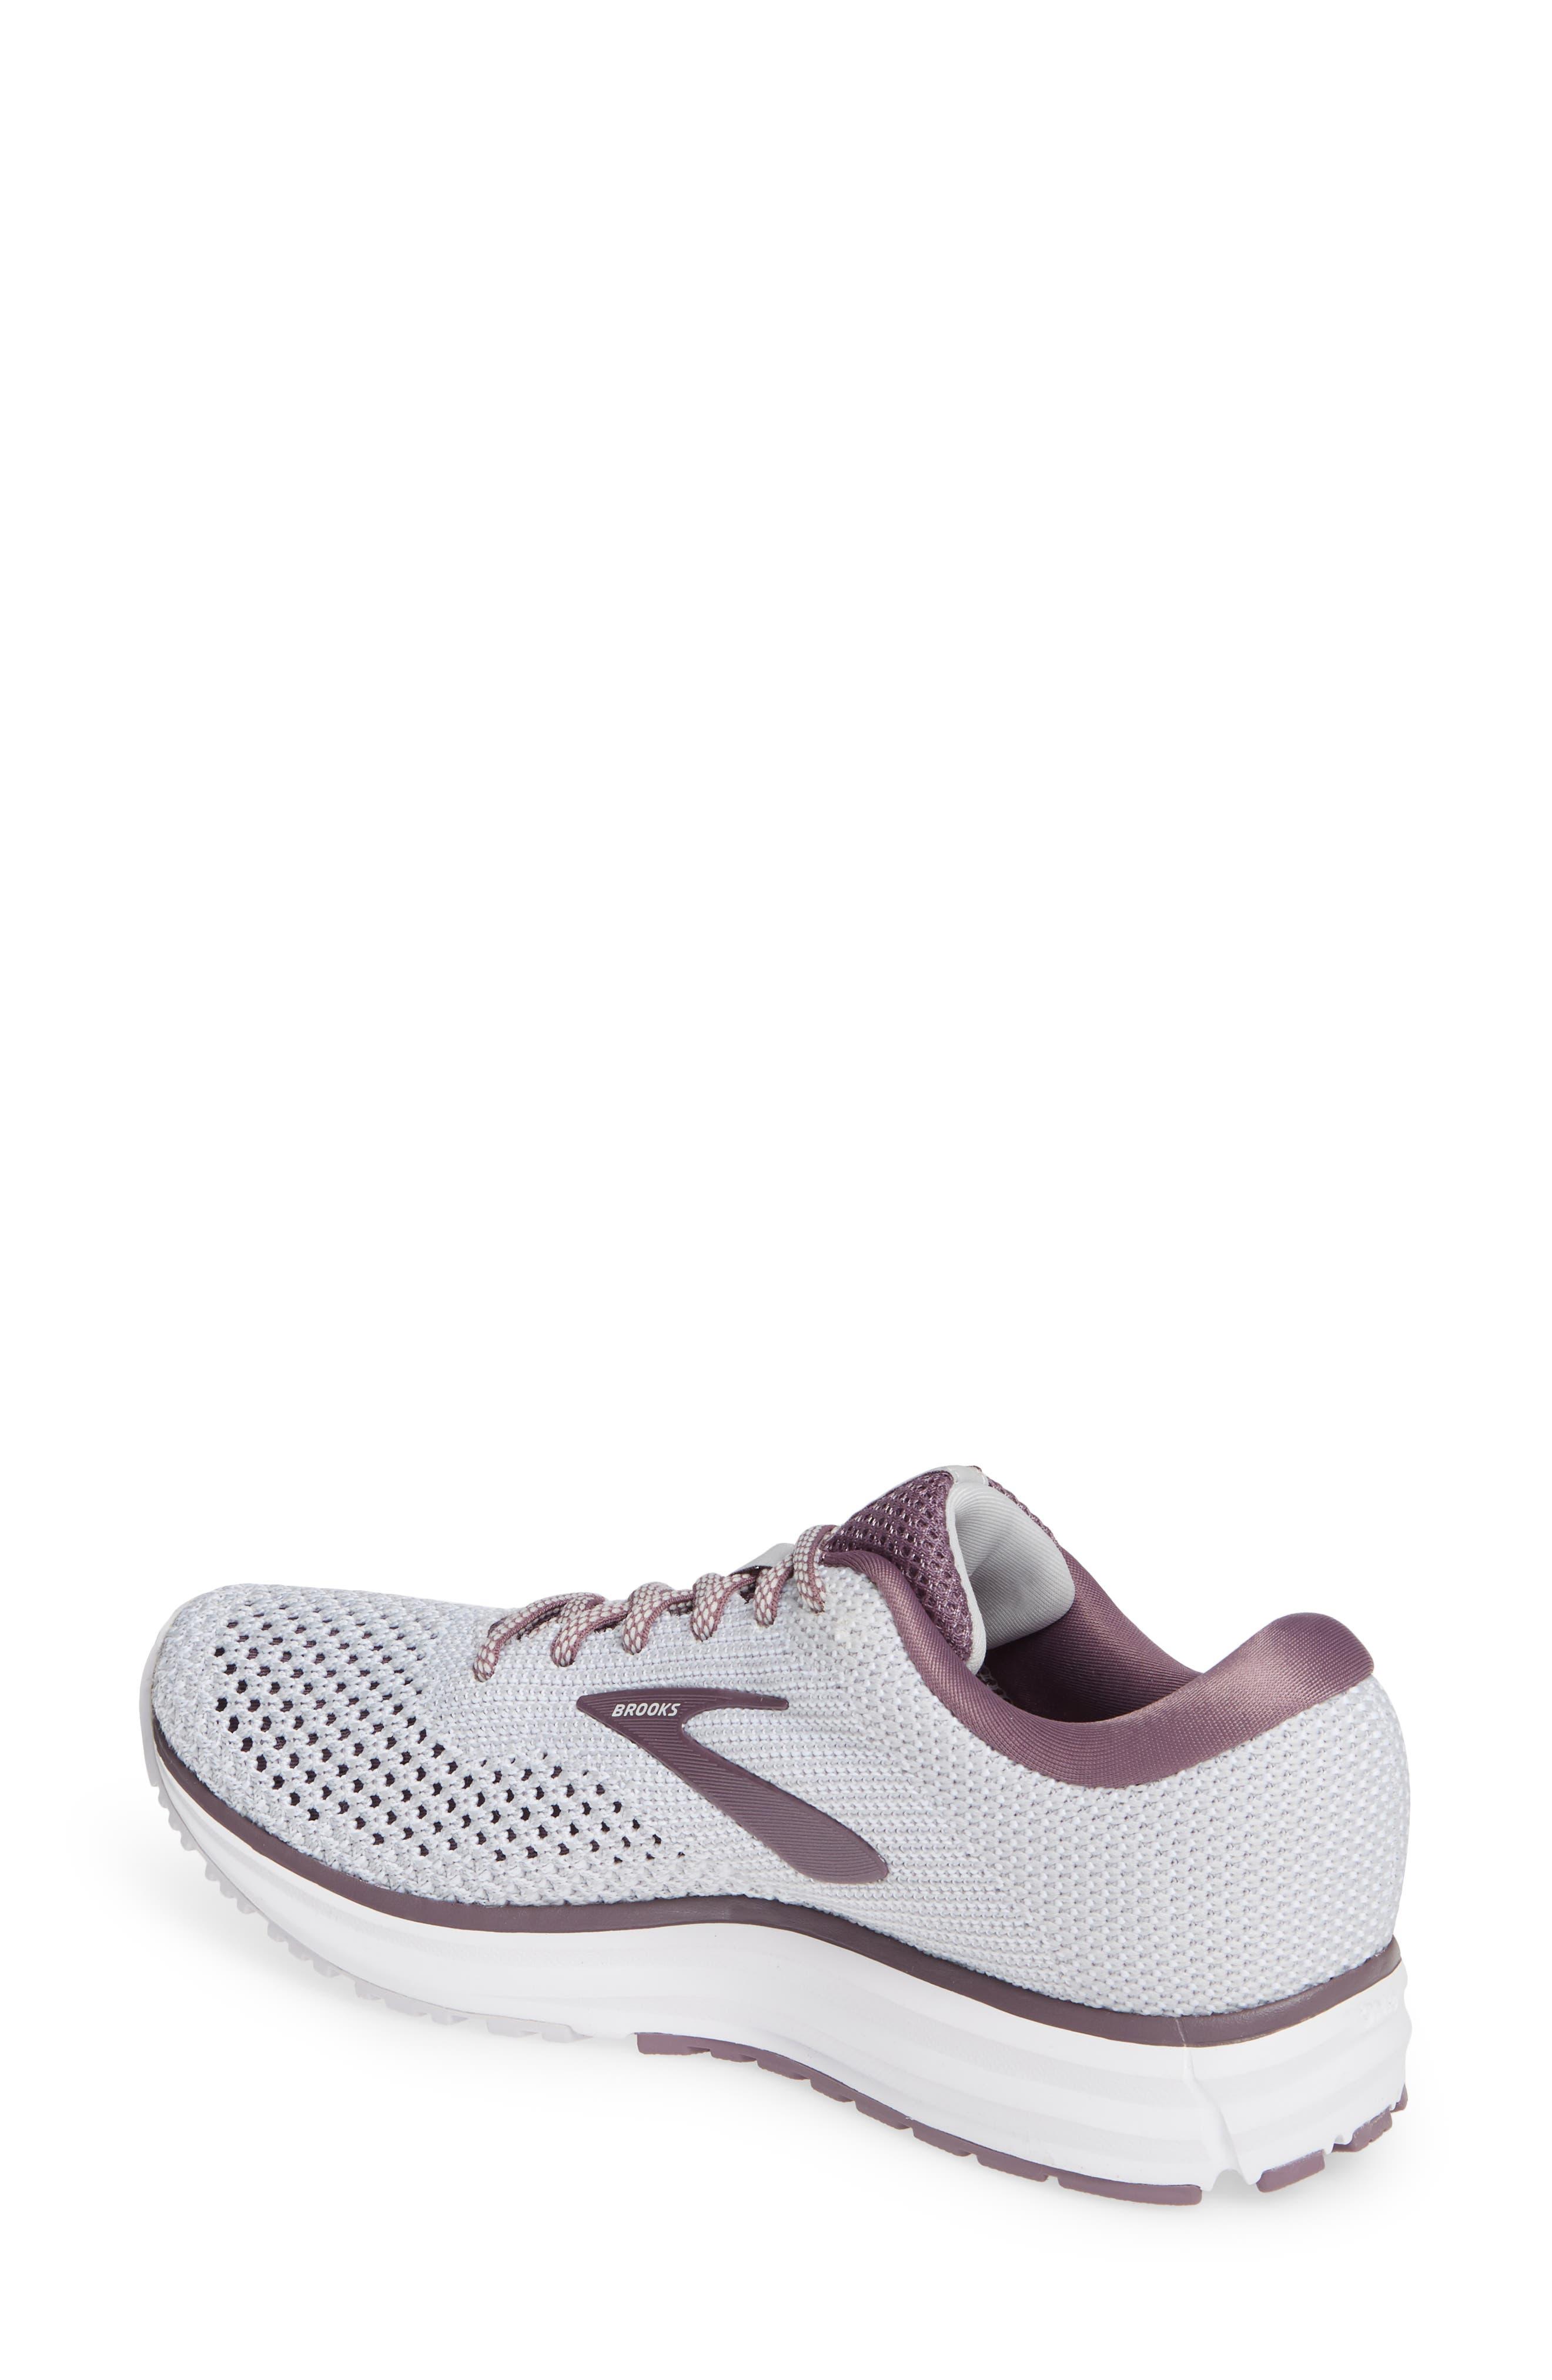 084a7f0bbea4c Women s Shoes Sale